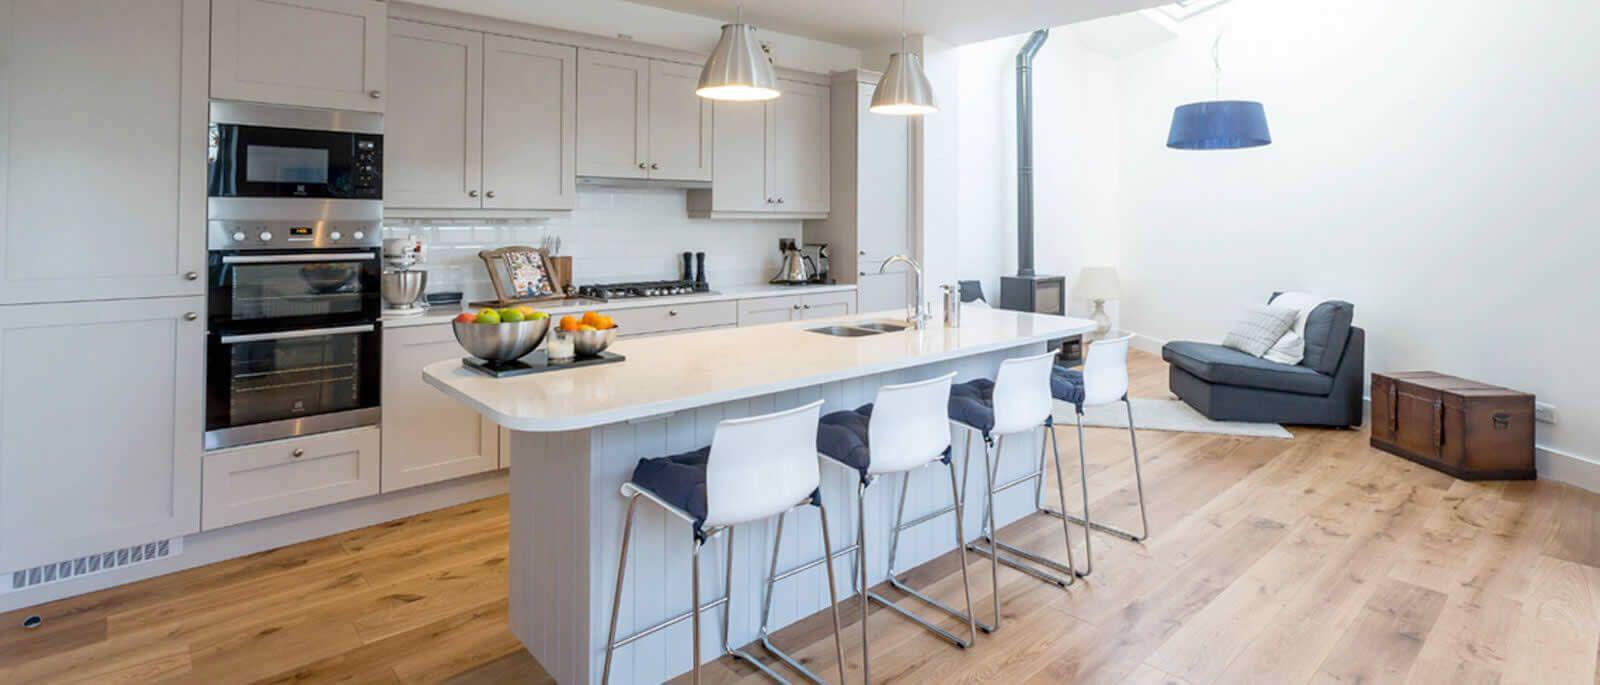 Kitchens Nolan Contemporary Fitted Geaneys Kitchen Design Cork Best Designer Kitchen Tables Inspiration Design